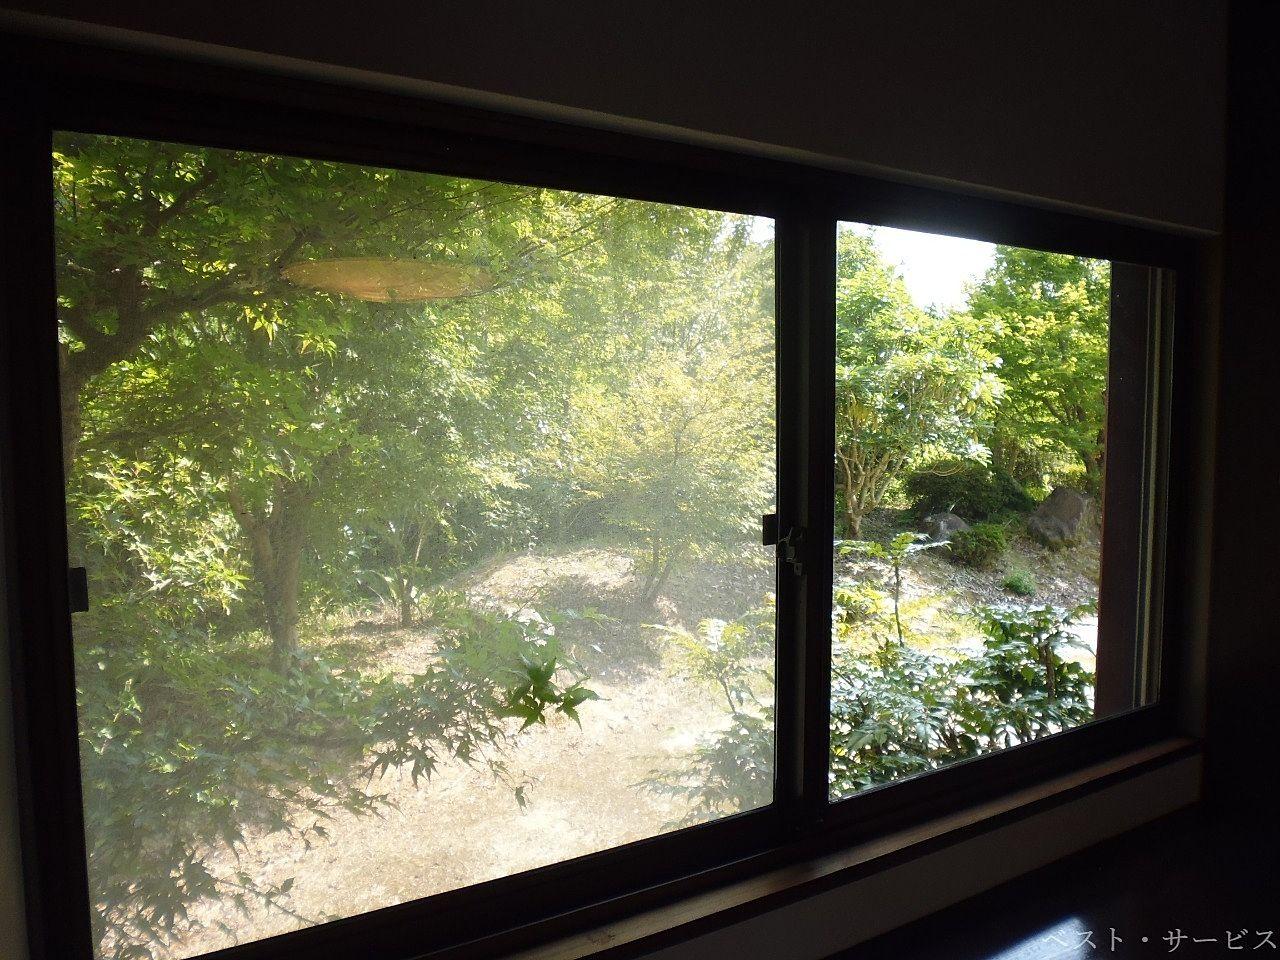 窓からもみじが見える